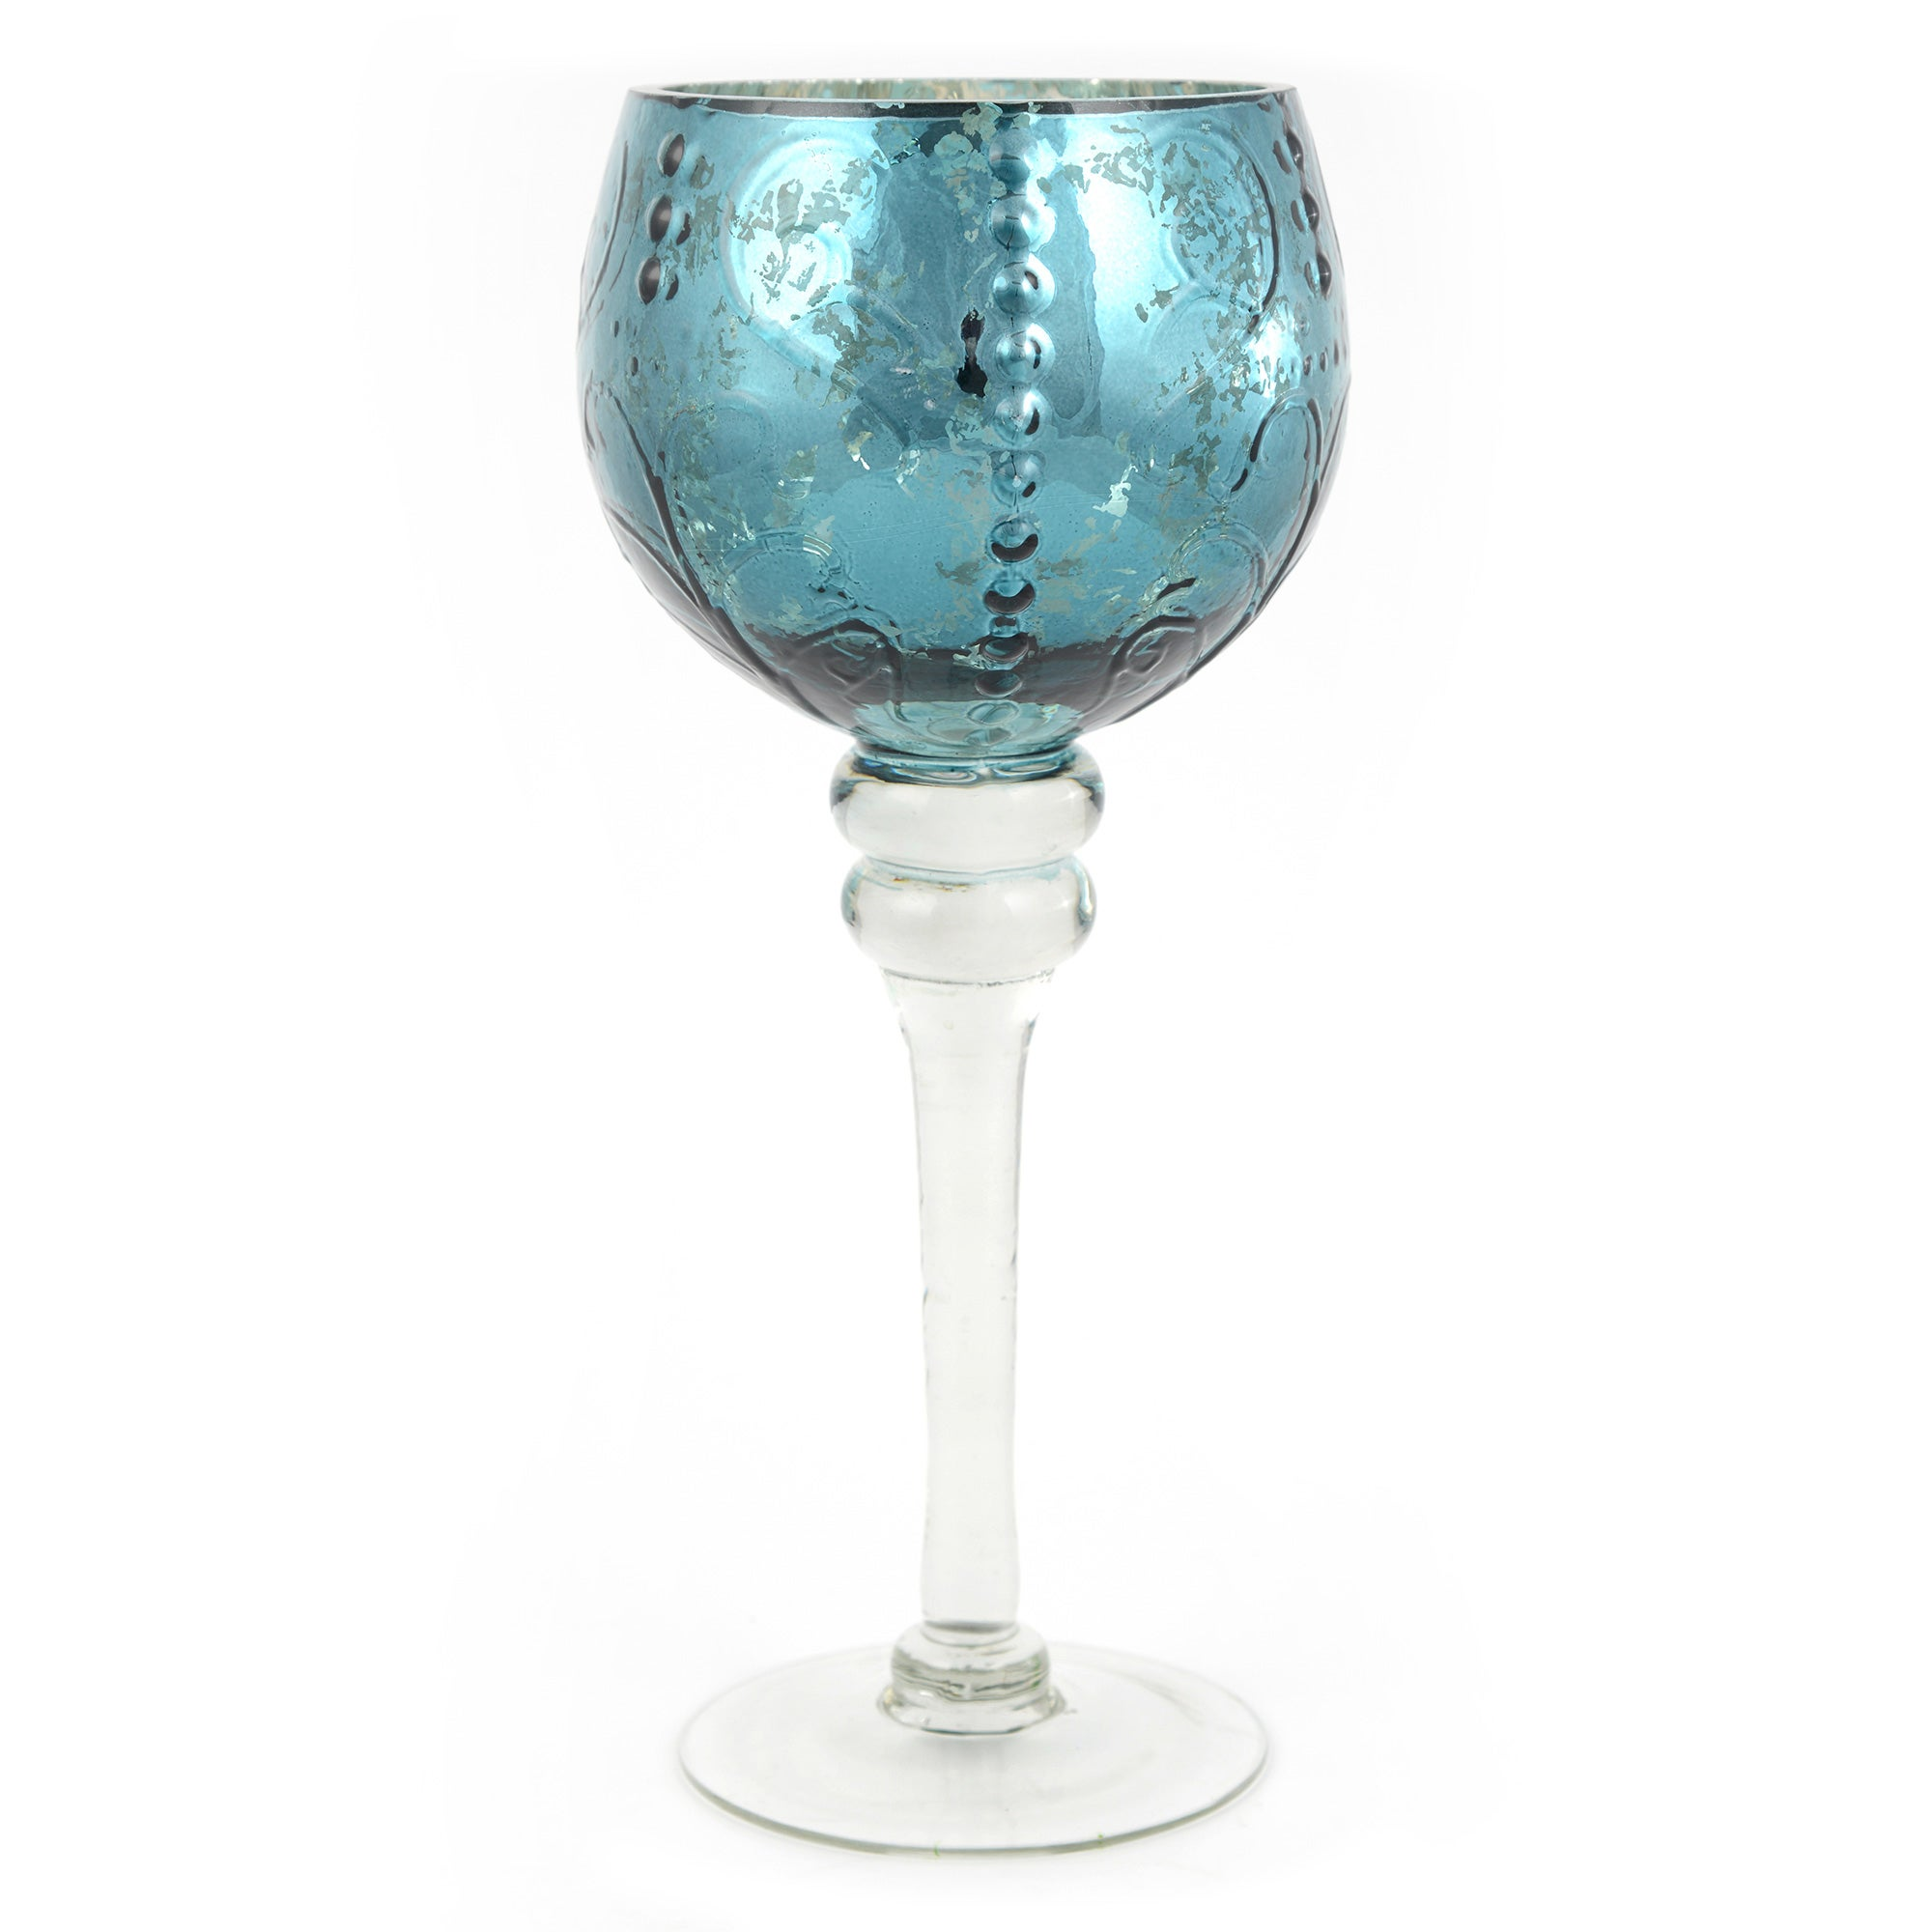 global fusion collection goblet tea light holder dunelm. Black Bedroom Furniture Sets. Home Design Ideas